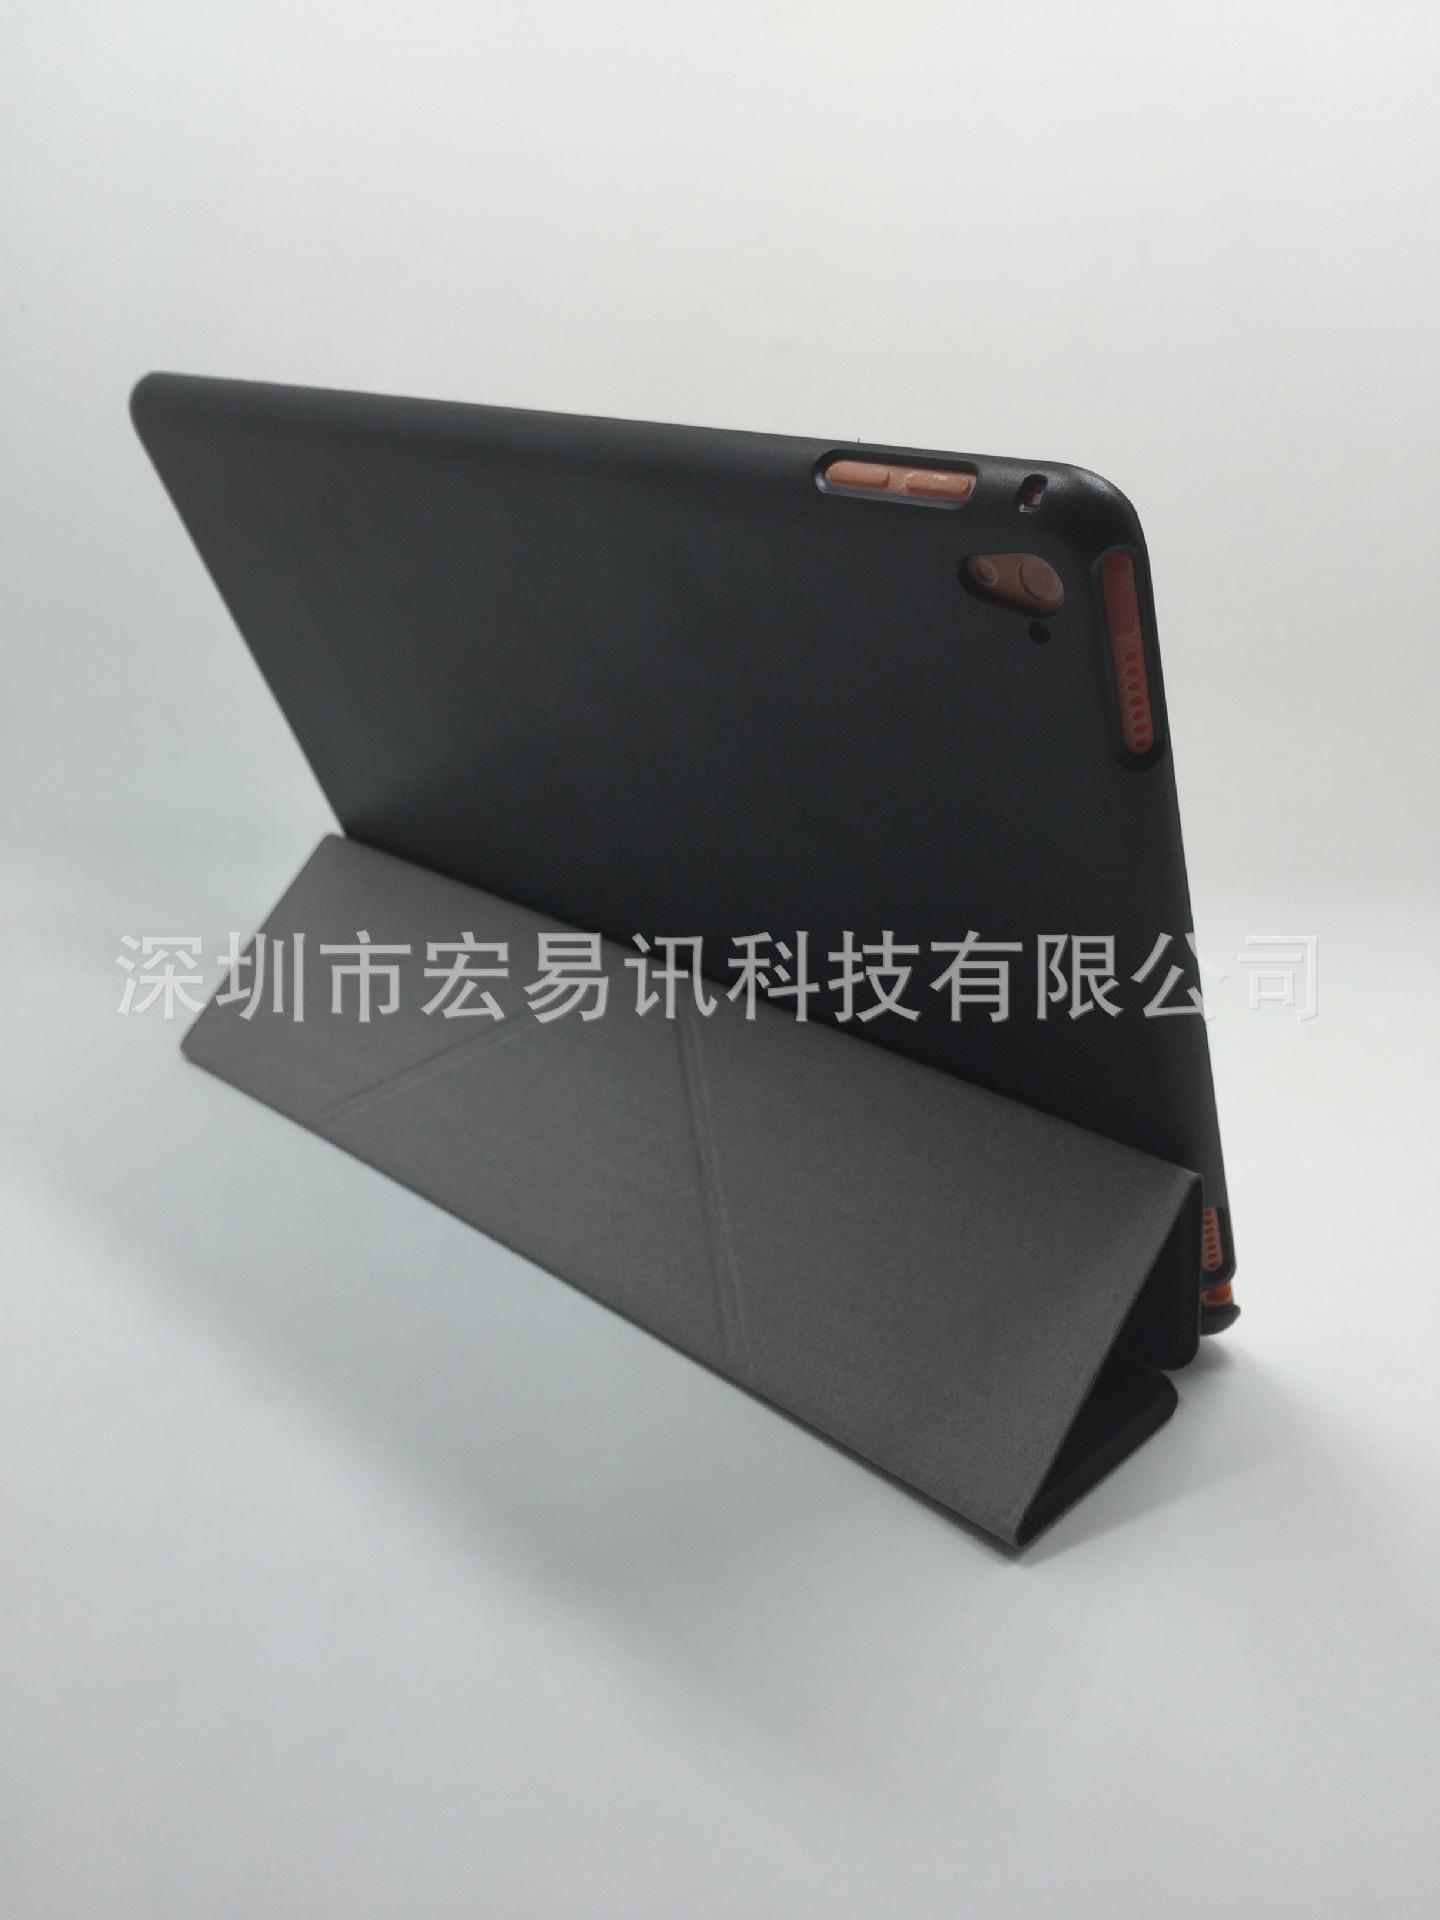 iPad-Air-3-Case-2.jpg